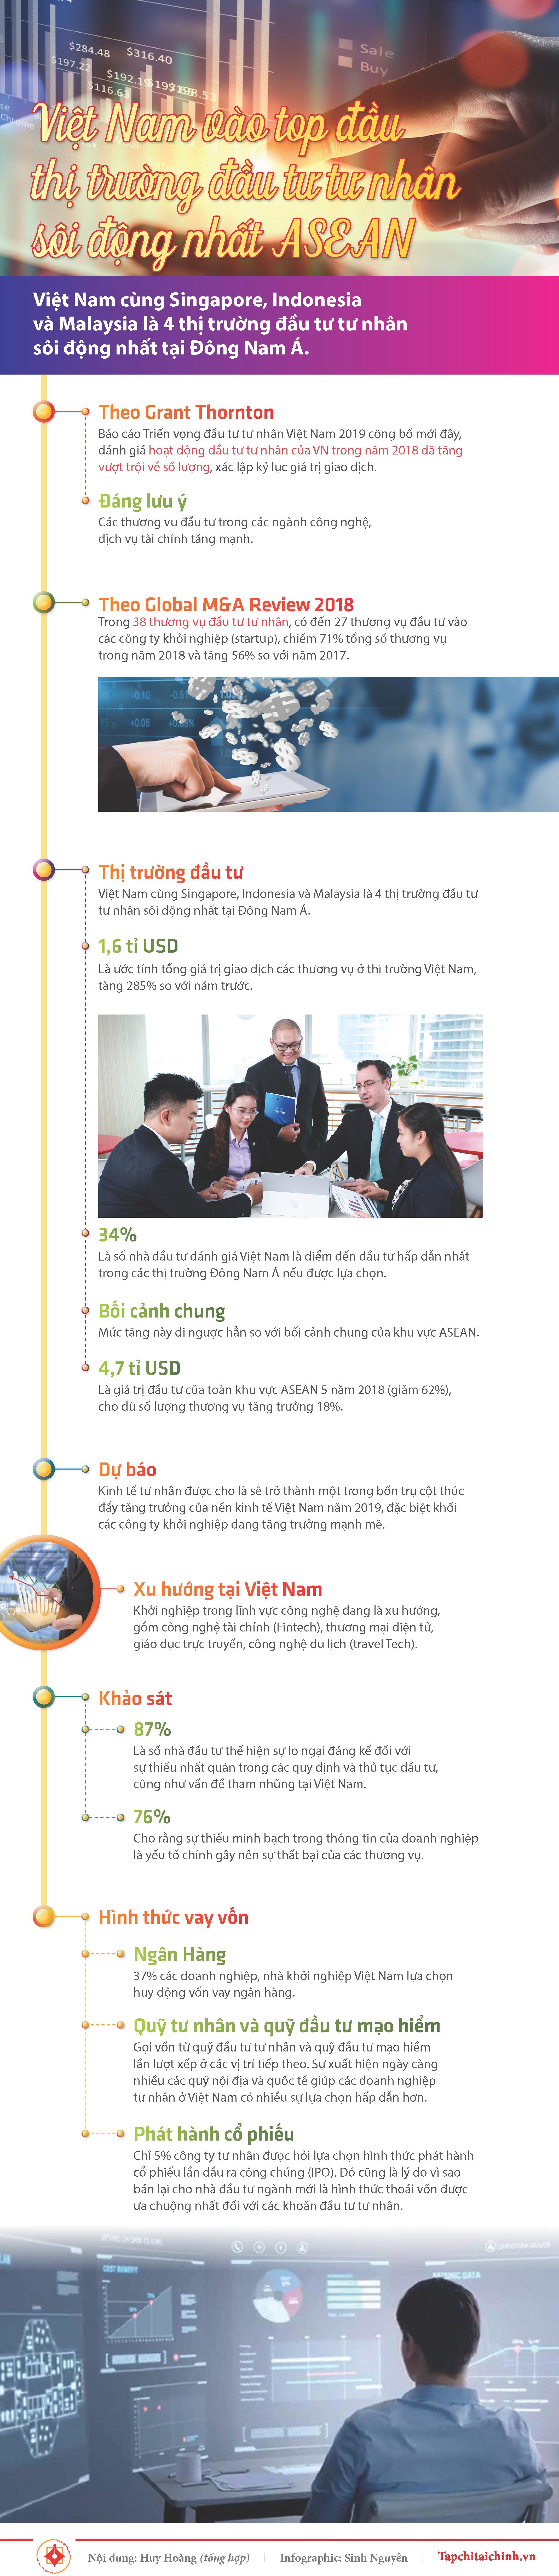 [Infographics] Việt Nam vào top đầu thị trường đầu tư tư nhân sôi động nhất ASEAN - Ảnh 1